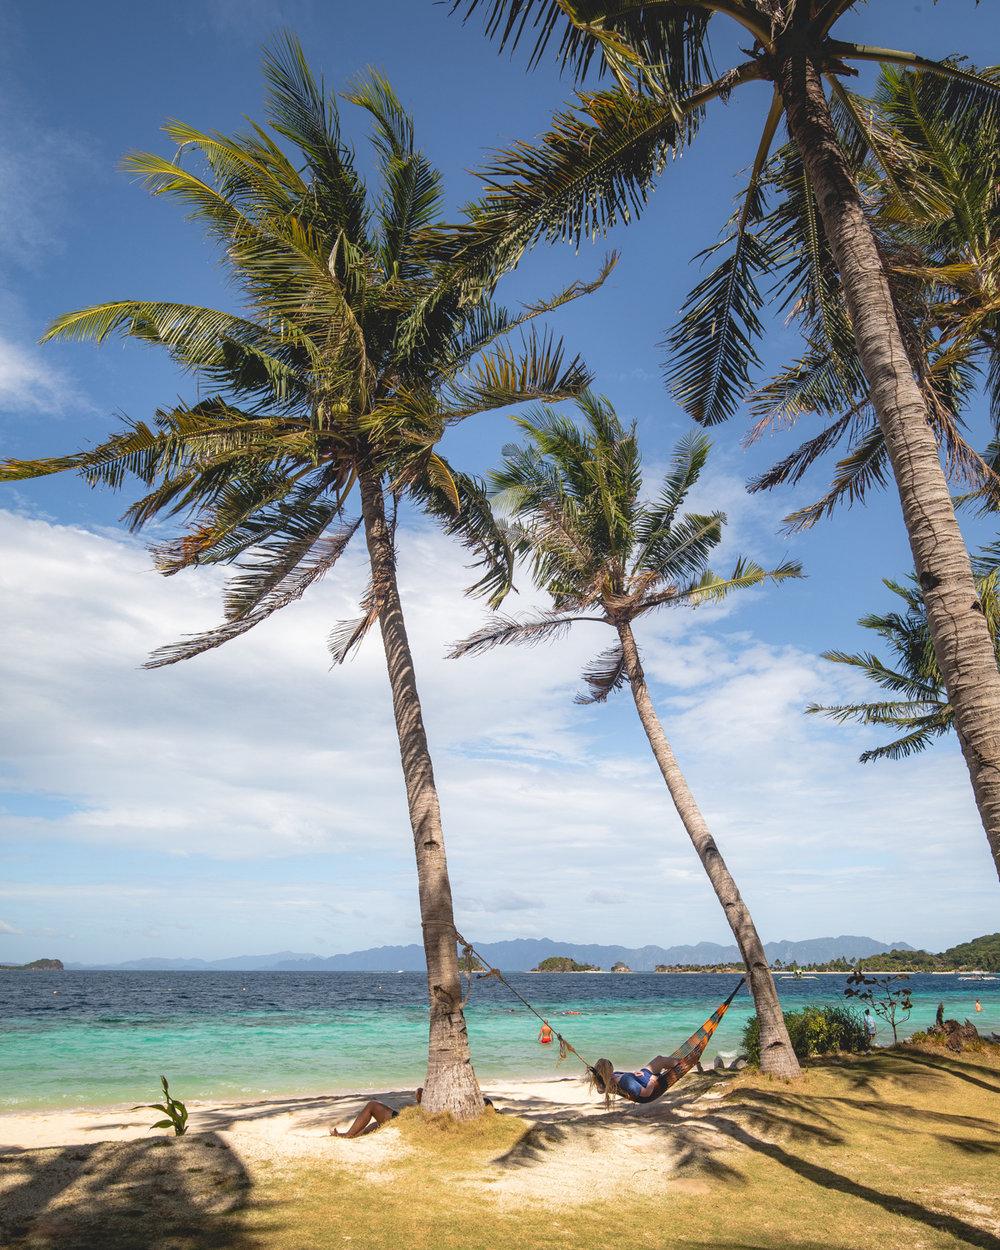 Hammocks on Banana Island